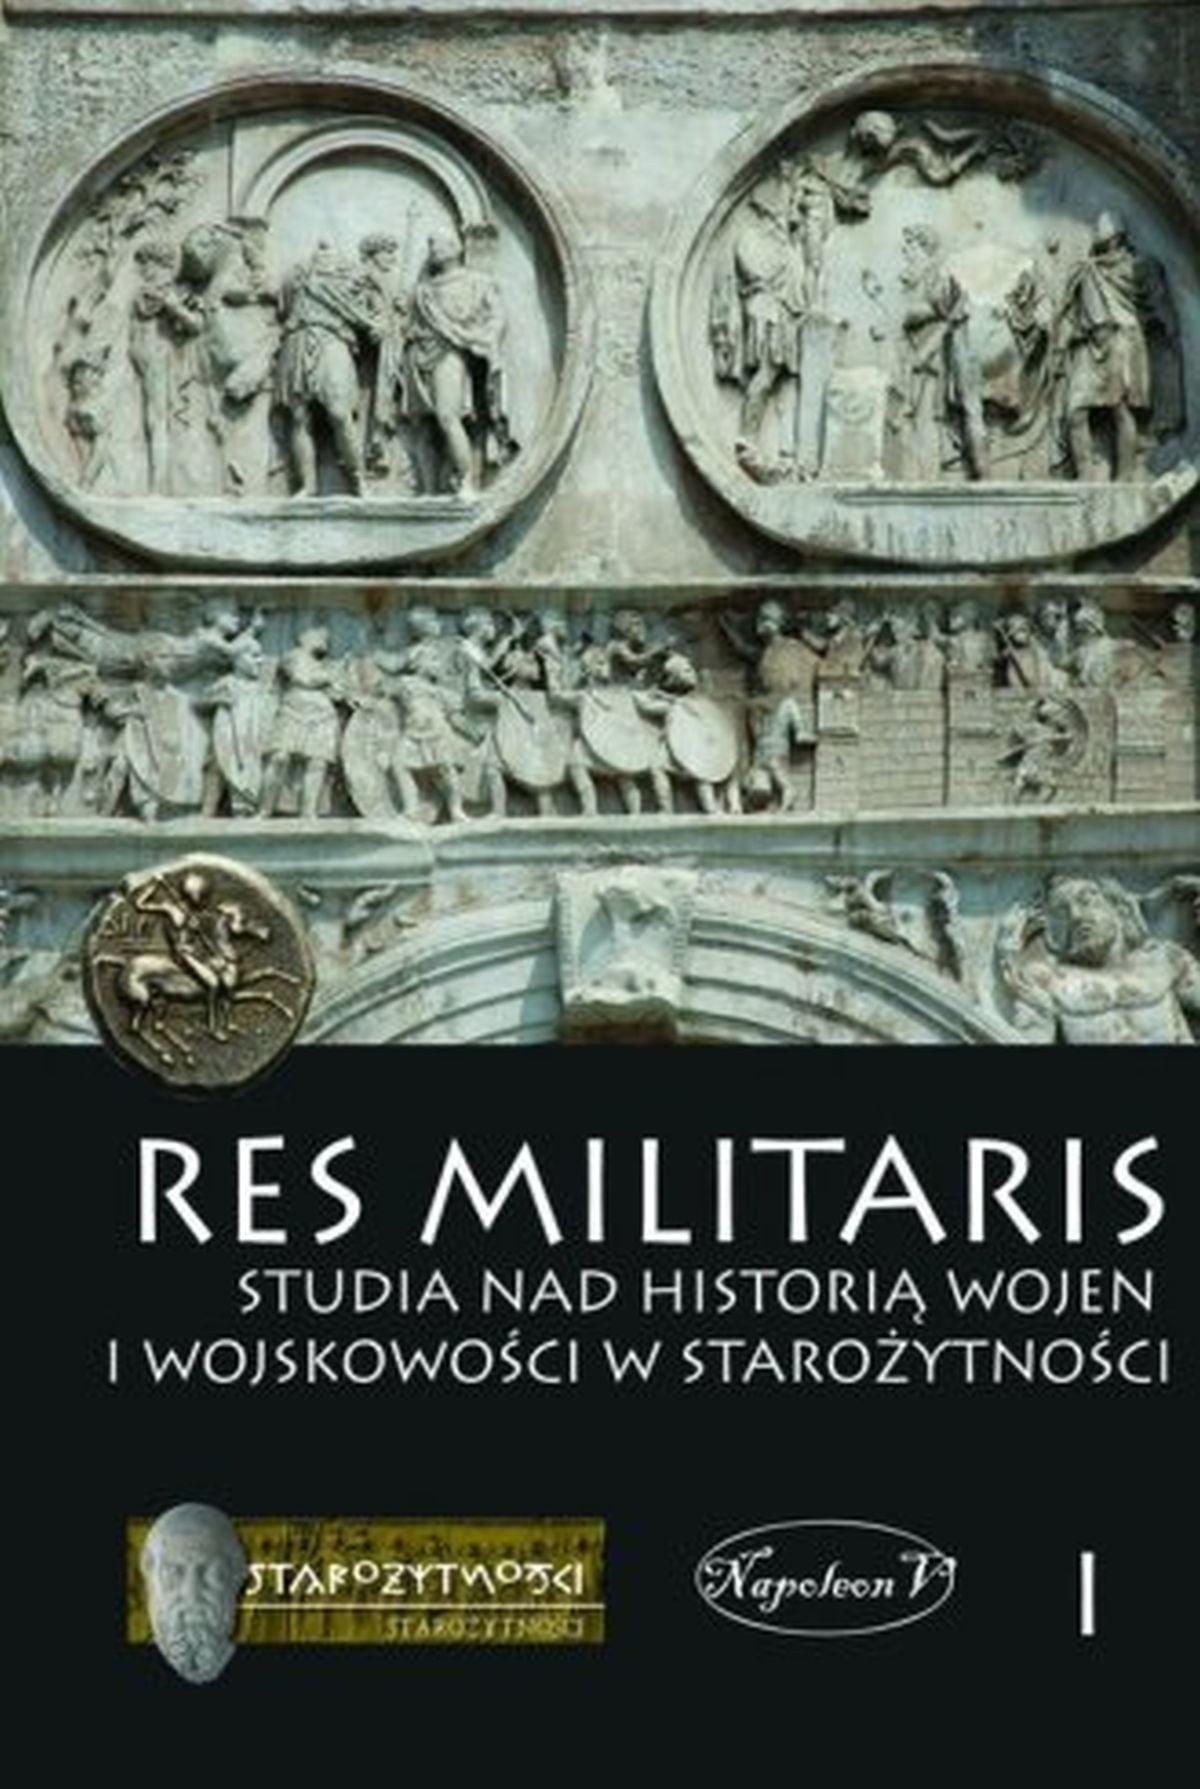 Res Militaris. Studia nad historią wojen i wojskowości w starożytności. Tom 1